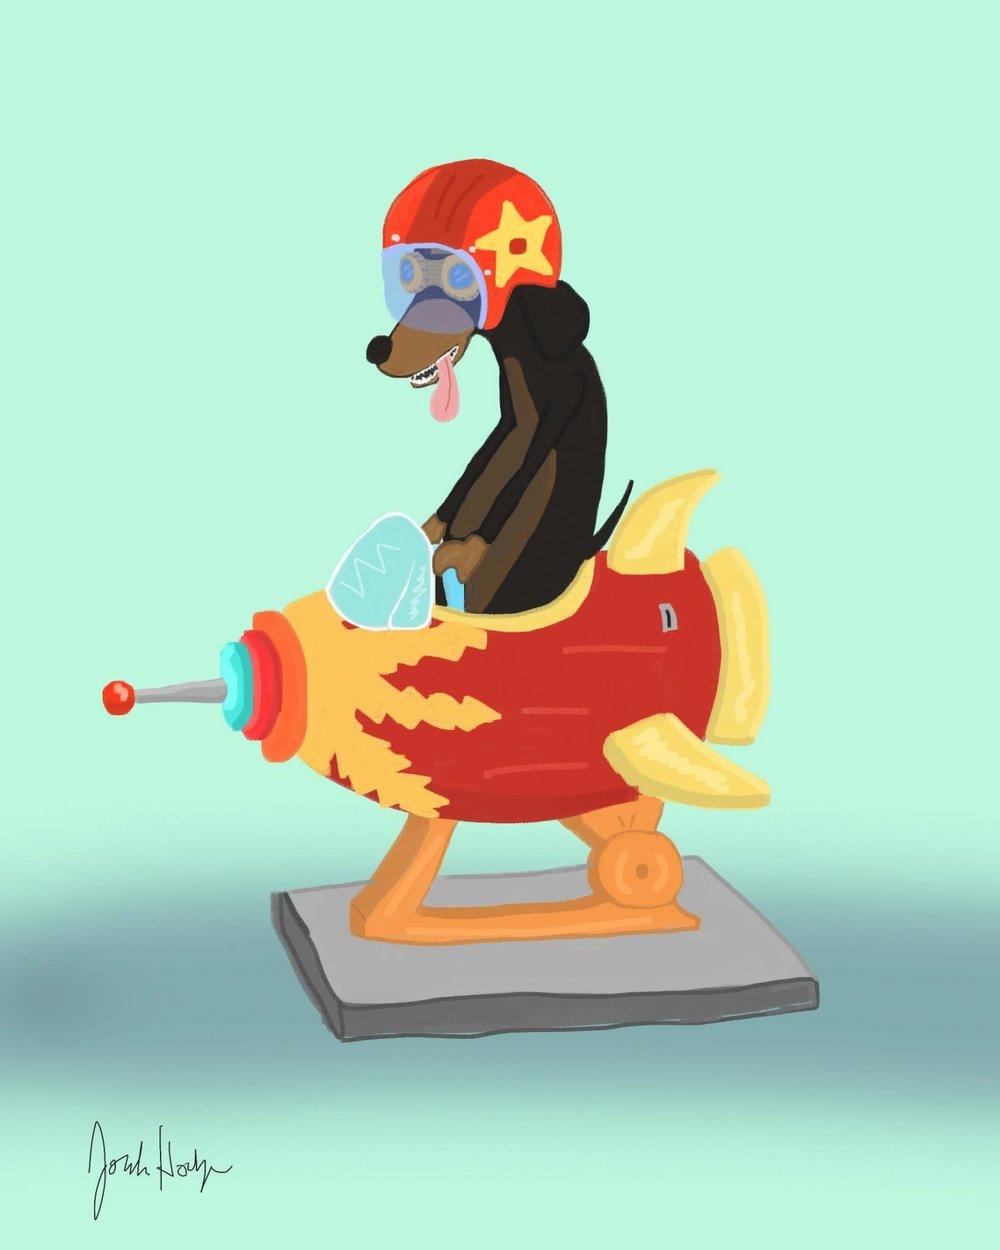 rocketdog-1500x1875.jpg